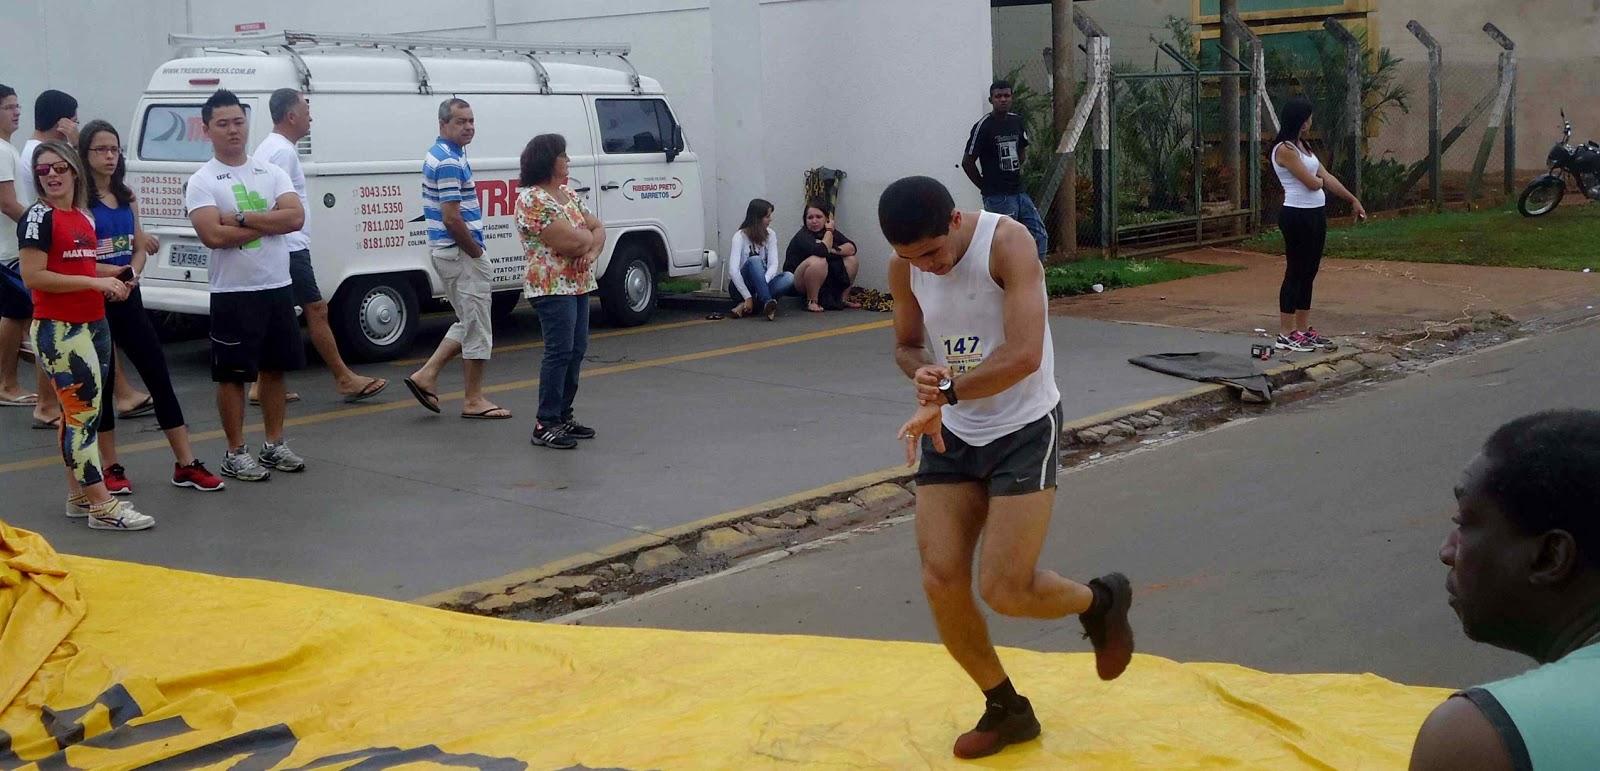 Foto 74 da 1ª Corrida Av. dos Coqueiros em Barretos-SP 14/04/2013 – Atletas cruzando a linha de chegada